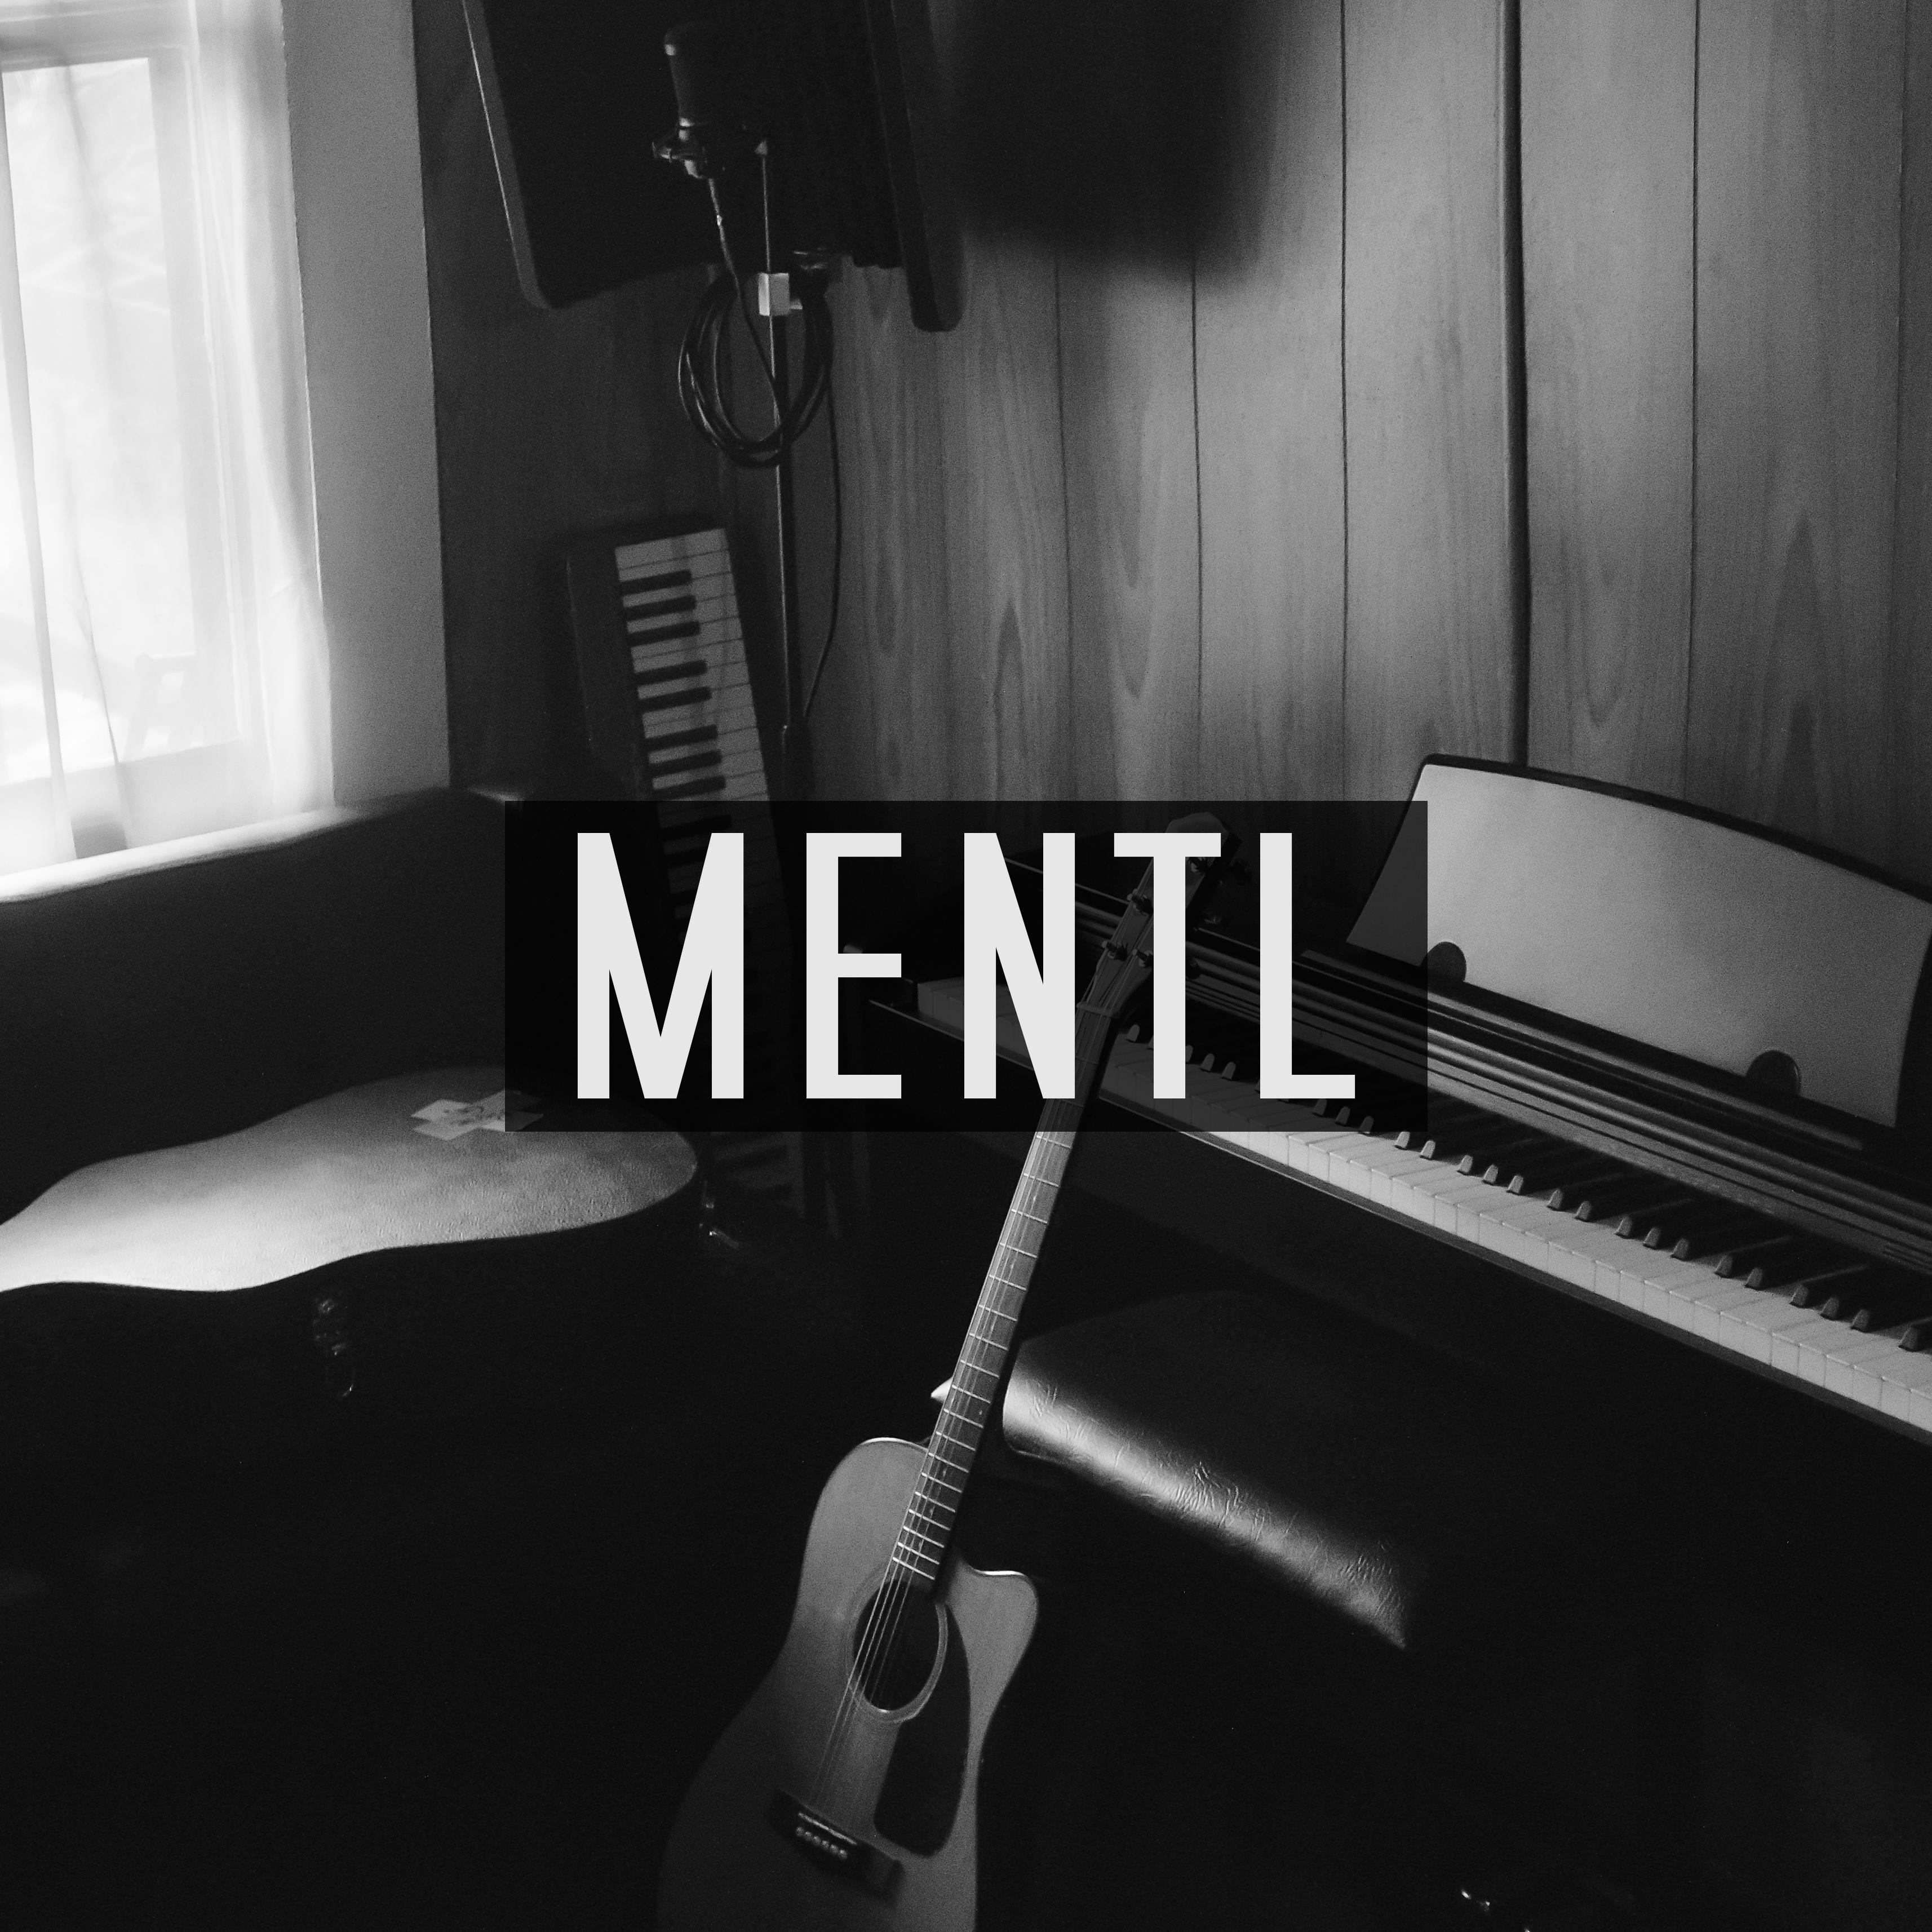 Mentl Merch